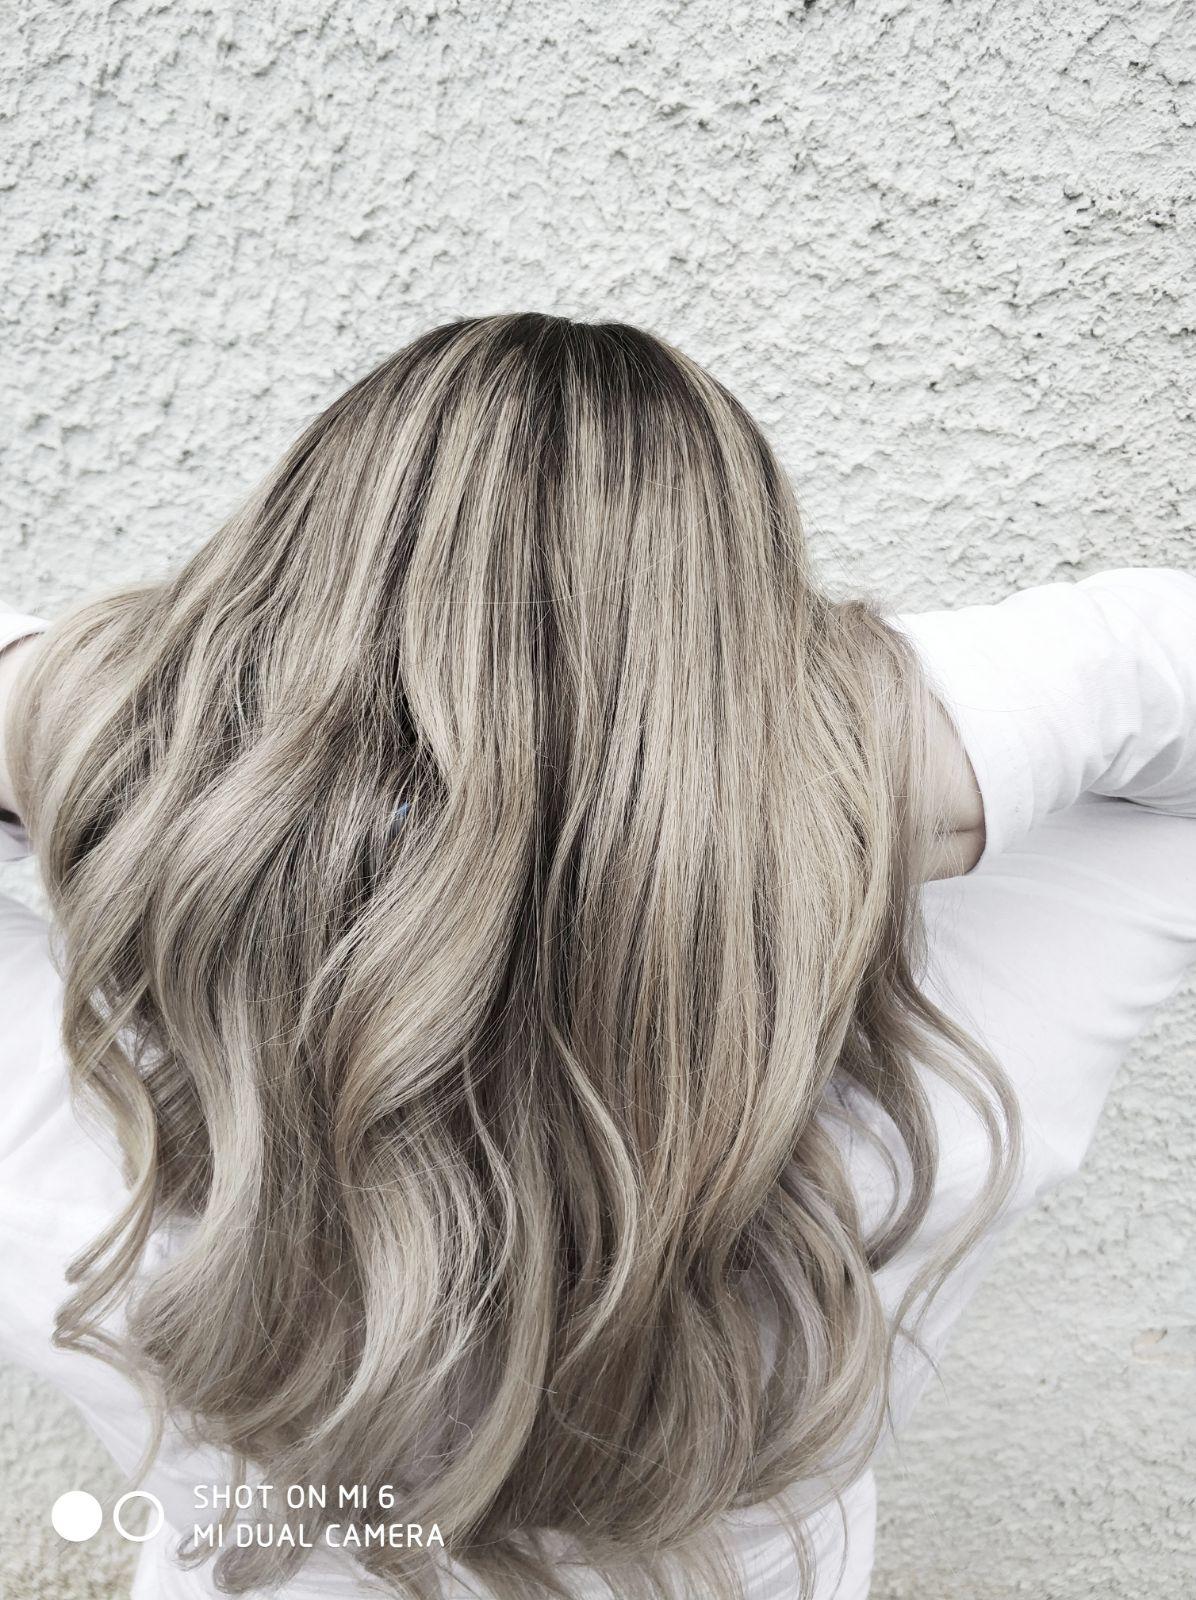 עיצוב שיער מקצועי אצל ברק בשיער